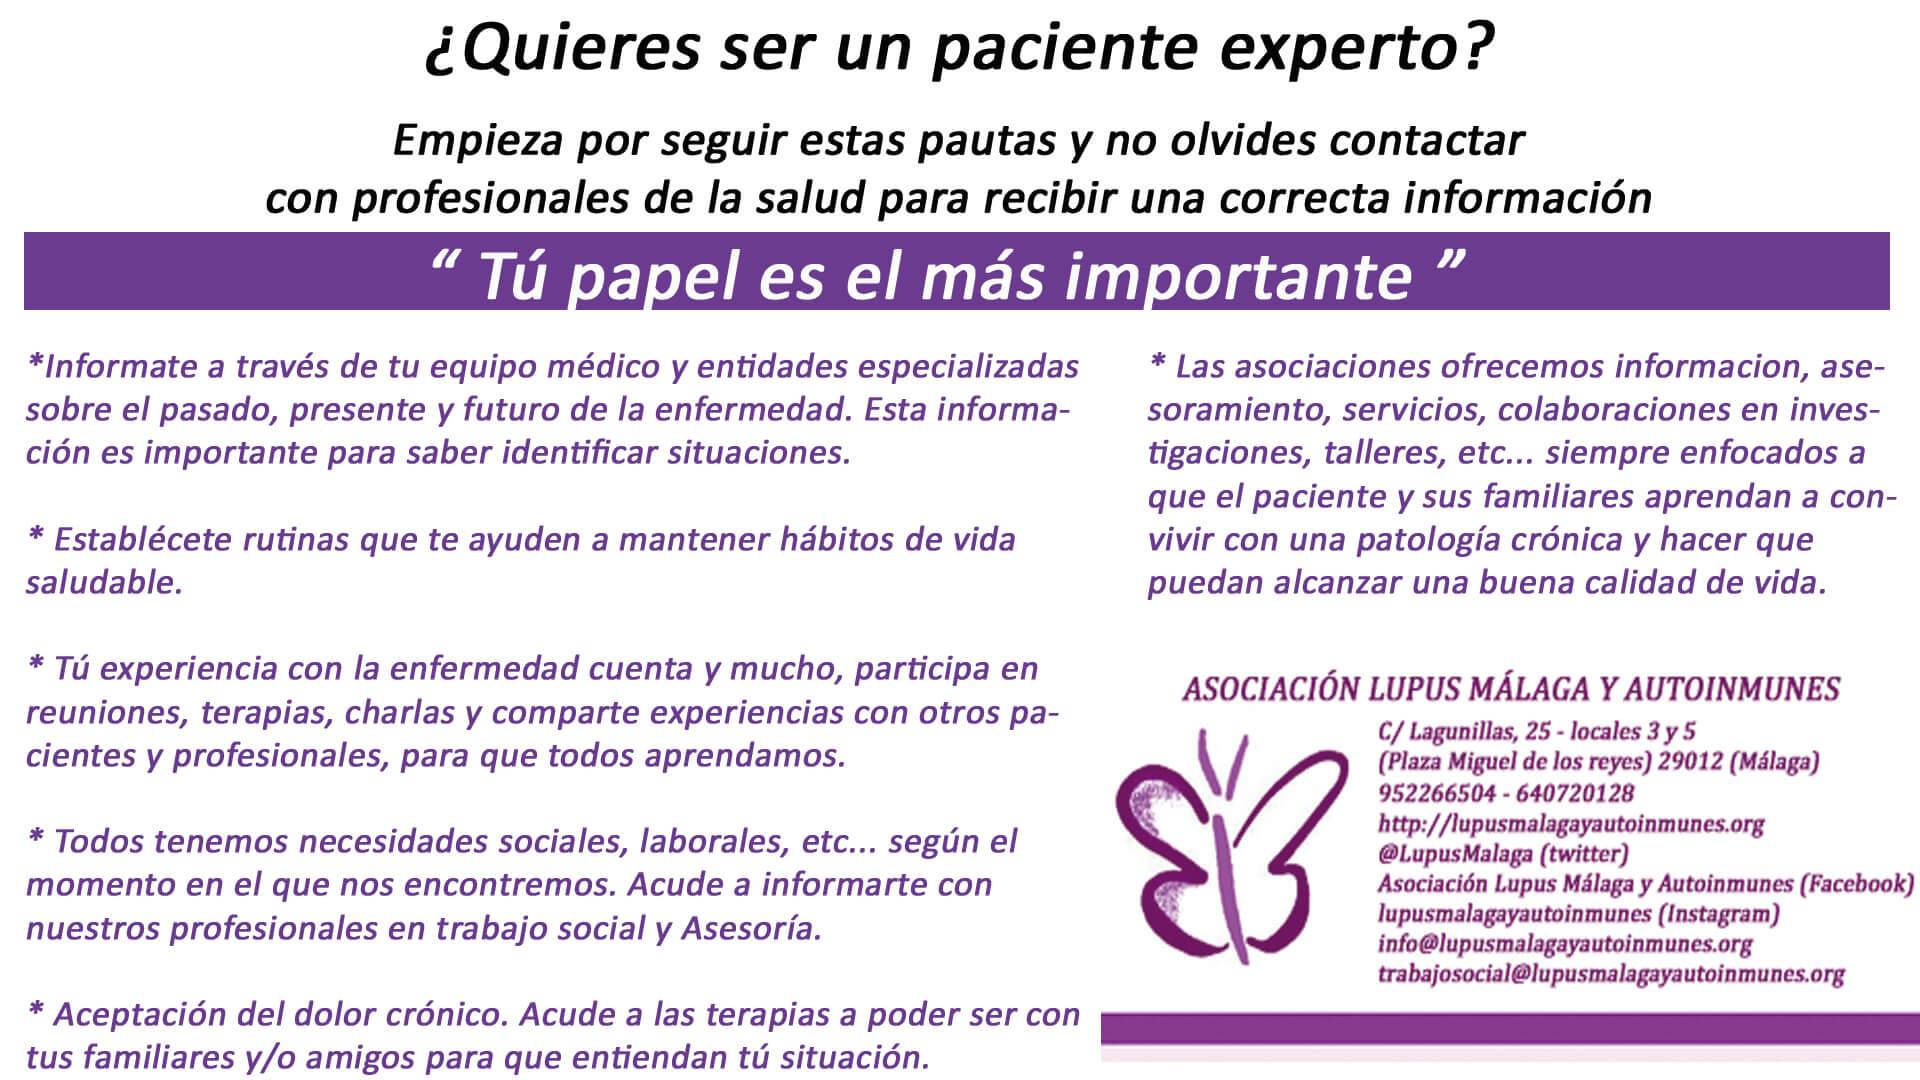 Importancia de ser un paciente experto